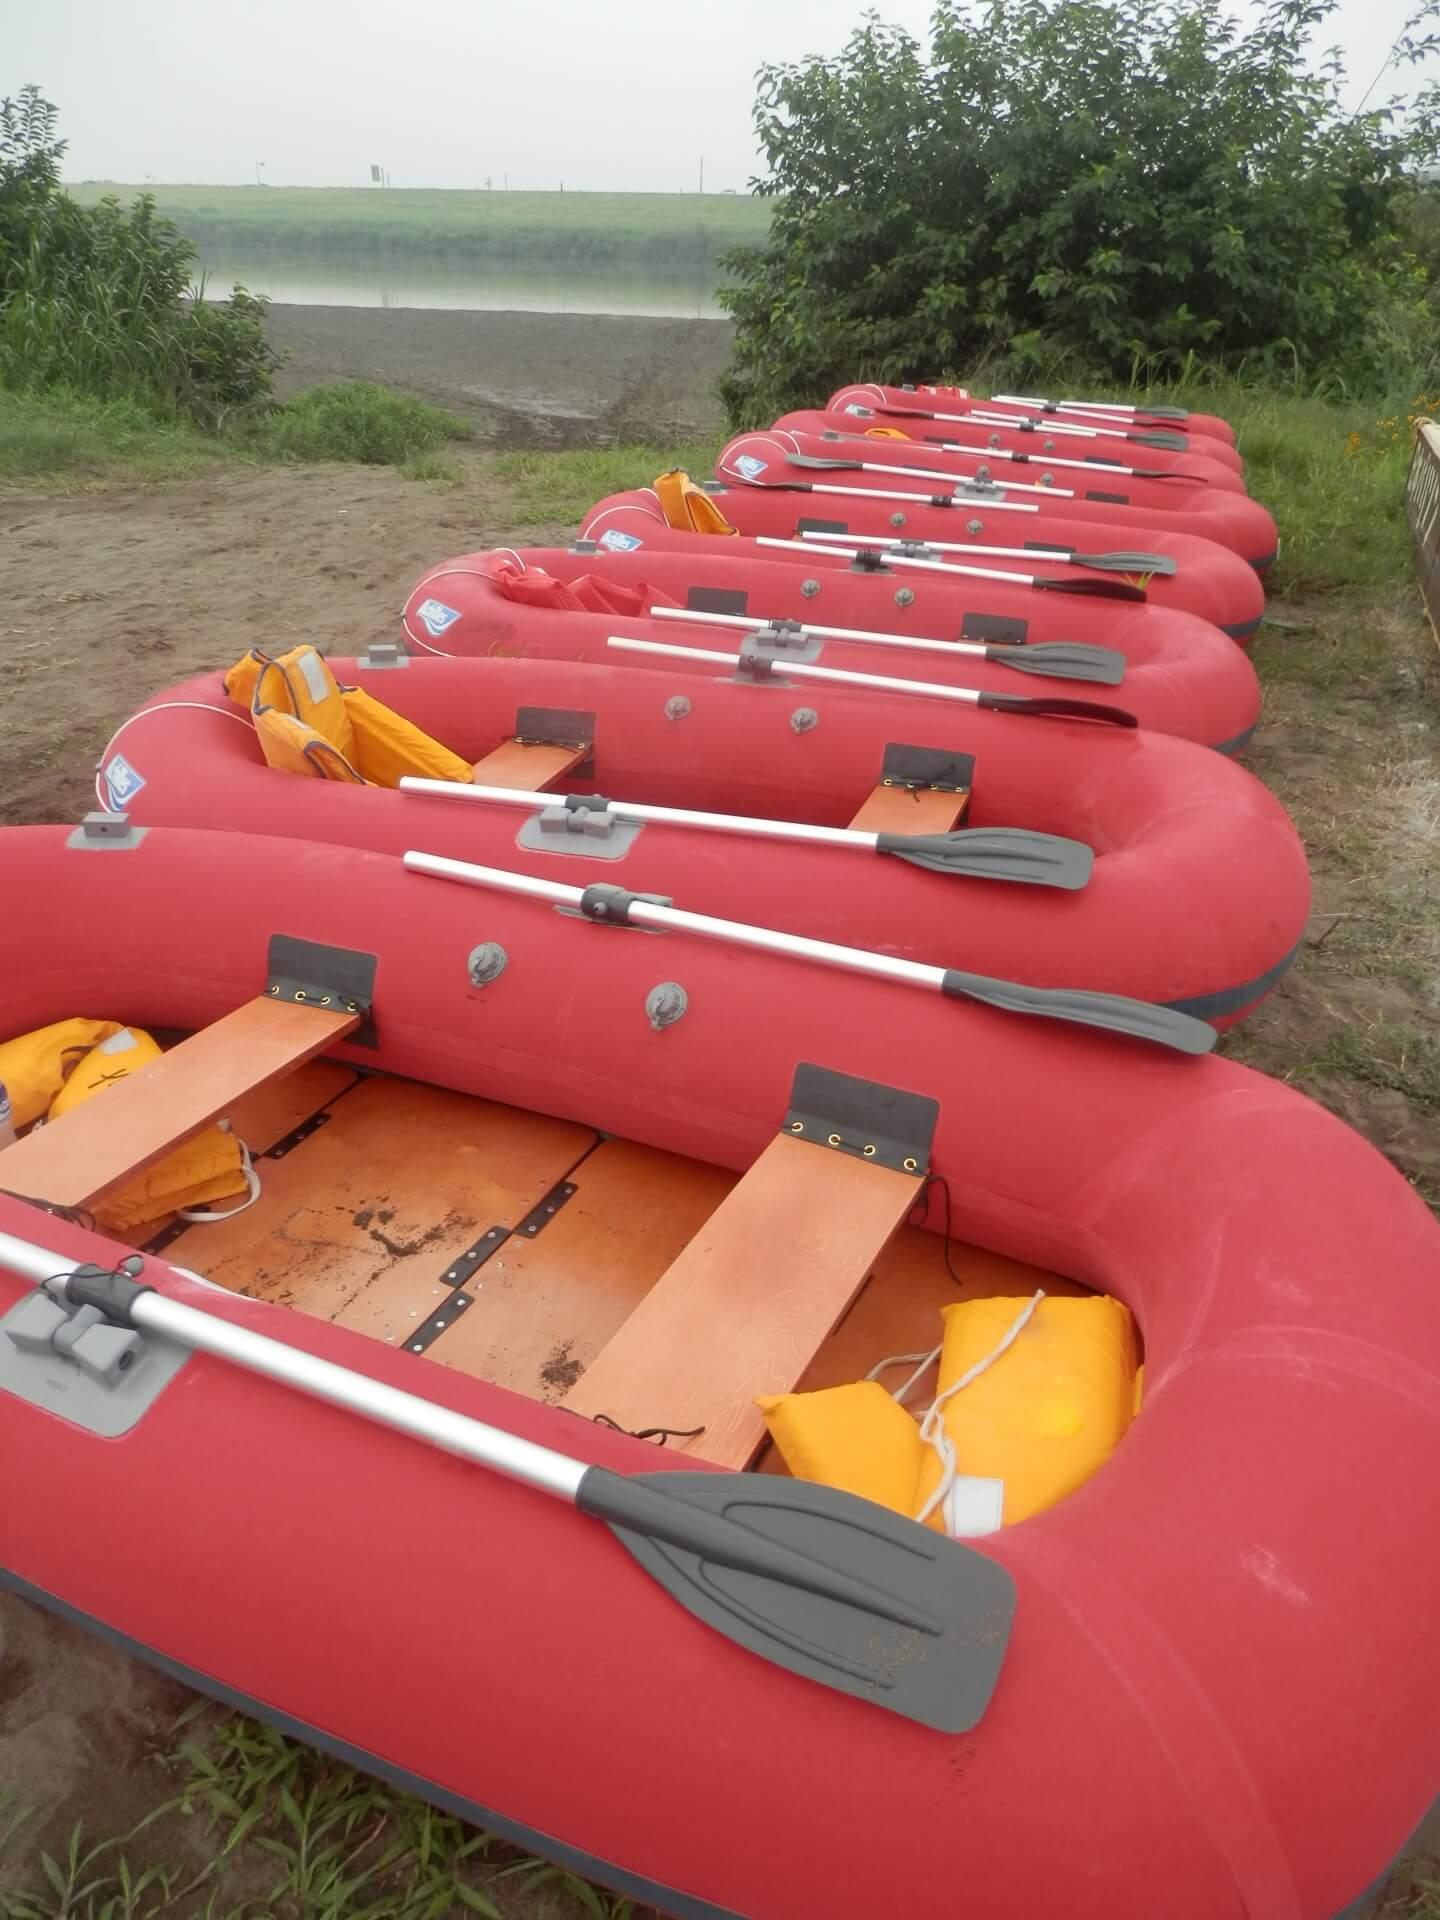 【ゴムボート 買取】ゴムボートは売れます!中古でも人気のモデルとは